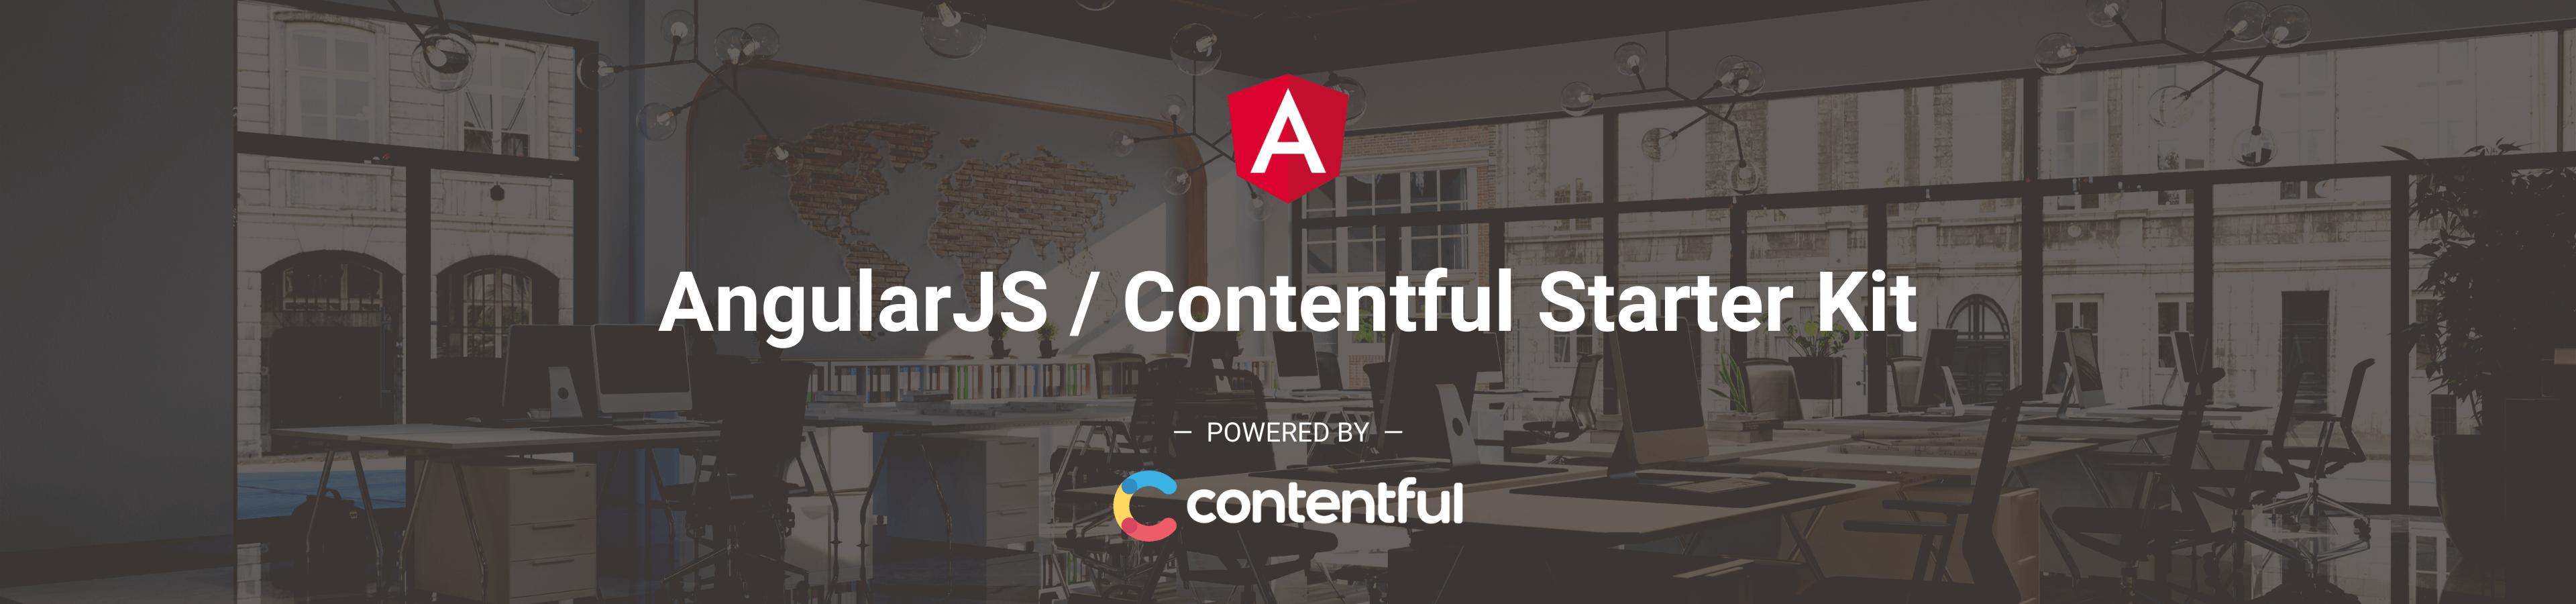 https://www.contentbloom.com/wp-content/uploads/2018/02/Angular-JS-Contentful-Hero.png